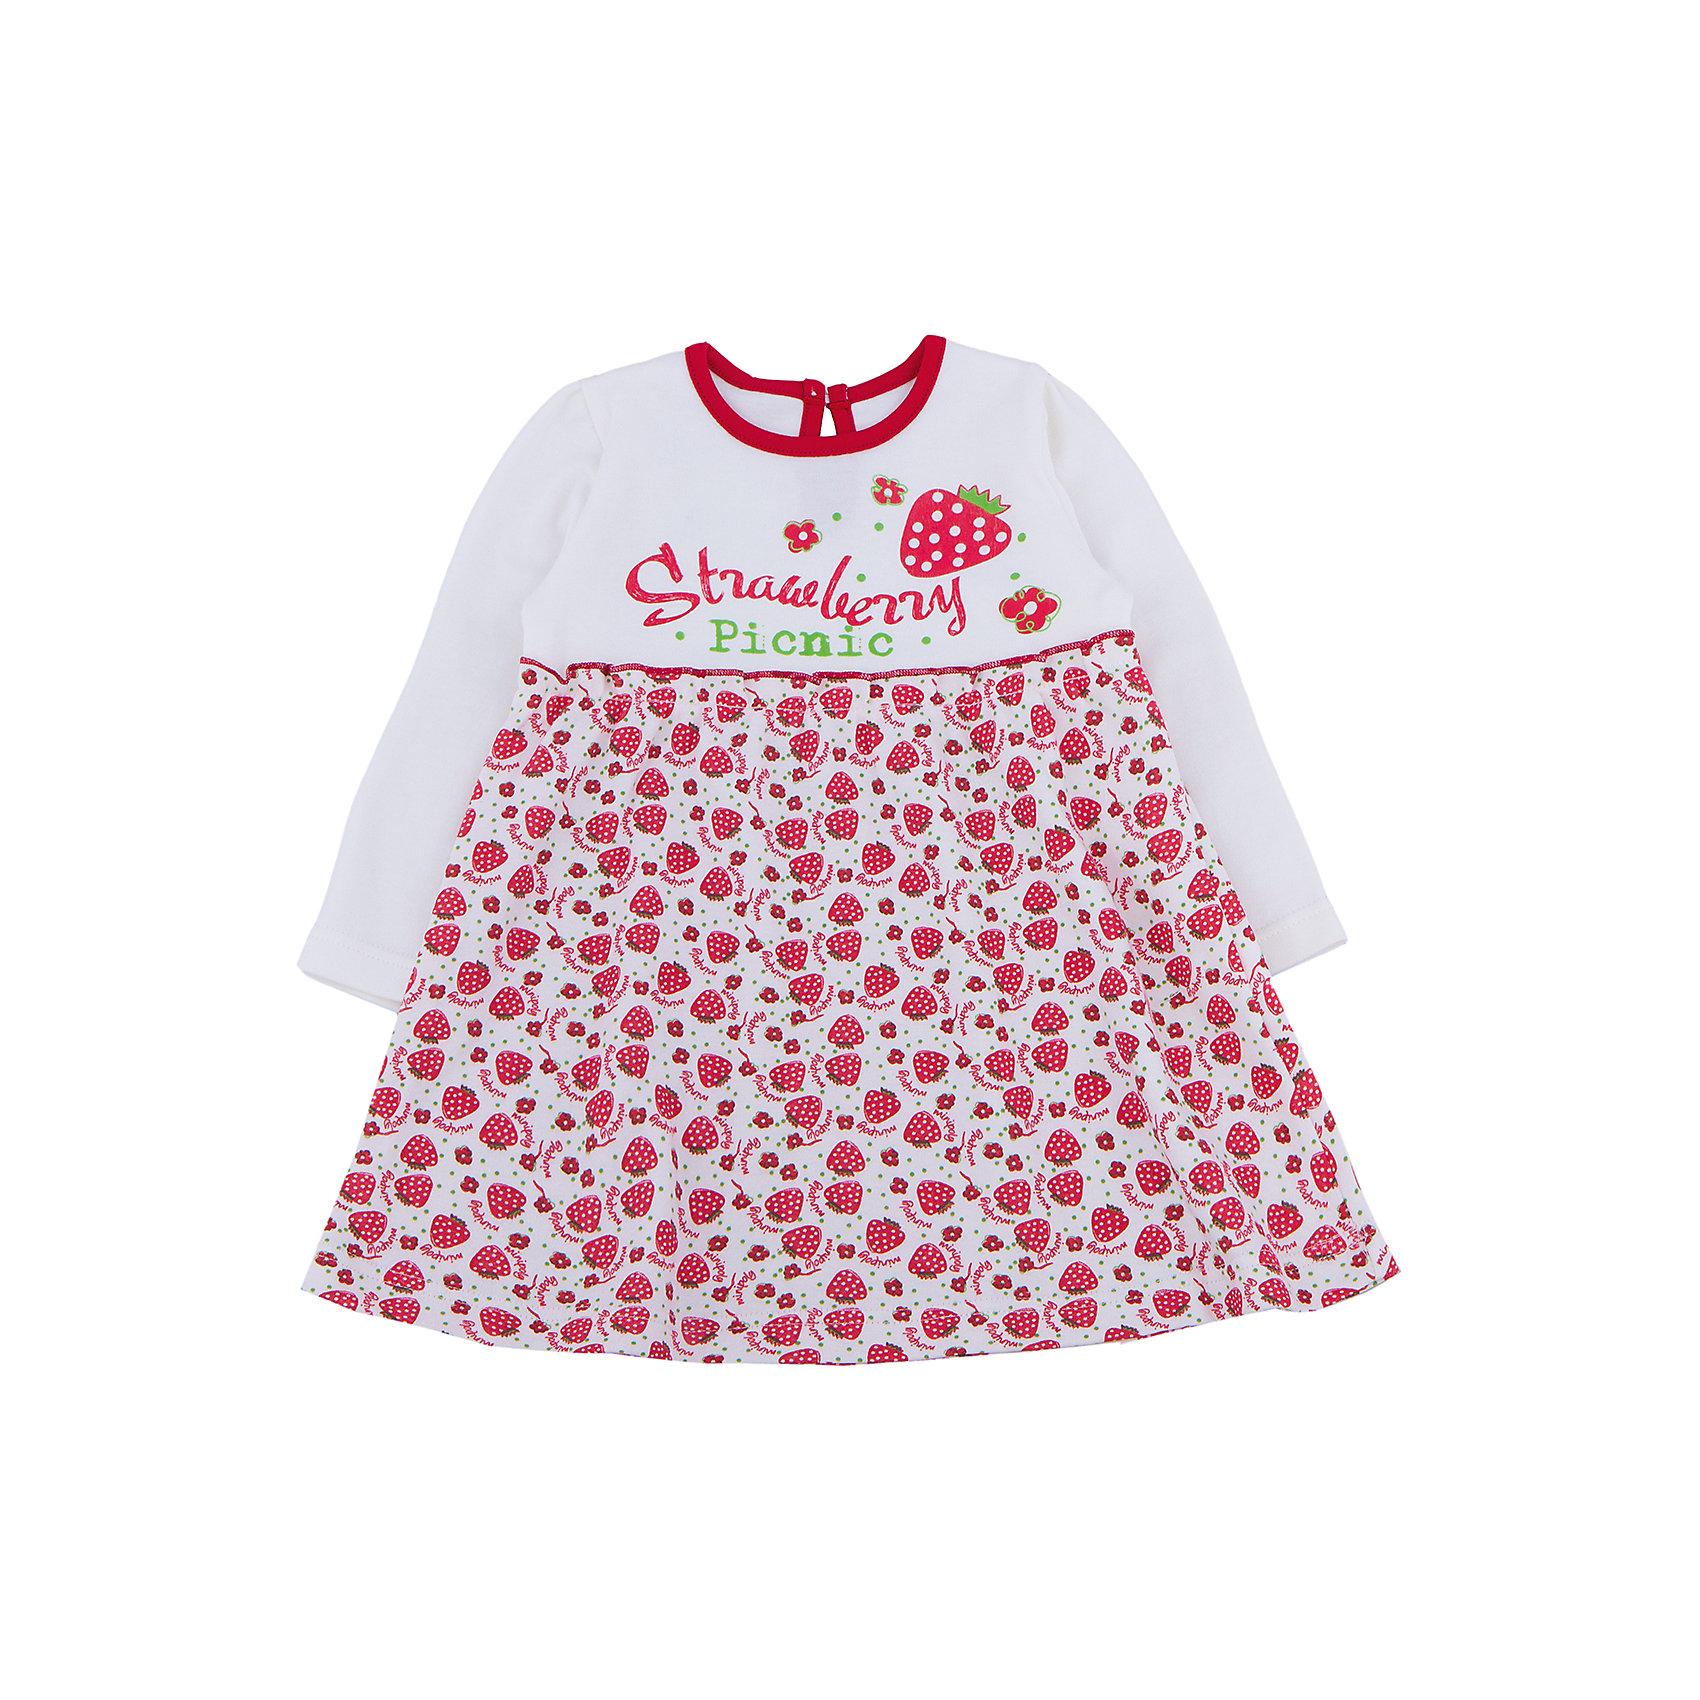 Платье для девочки АпрельПлатья<br>Платье для девочки Апрель.<br><br>Характеристики:<br>• состав: 100% хлопок<br>• цвет: белый/красный<br><br>Платье от известной марки Апрель изготовлено из качественного материала, обеспечивающего девочке комфорт. Оно имеет длинные рукава, расширенный к низу силуэт и круглый ворот. Приятная расцветка платья, несомненно, порадует девочку. Подол платья украшен множеством маленьких клубничек, верх - крупной клубничкой. Платье отлично подходит и для праздника, и для повседневной носки.<br><br>Вы можете купить платье для девочки Апрель в нашем интернет-магазине.<br><br>Ширина мм: 236<br>Глубина мм: 16<br>Высота мм: 184<br>Вес г: 177<br>Цвет: красный<br>Возраст от месяцев: 6<br>Возраст до месяцев: 9<br>Пол: Женский<br>Возраст: Детский<br>Размер: 74,98,80,86,92<br>SKU: 4936949